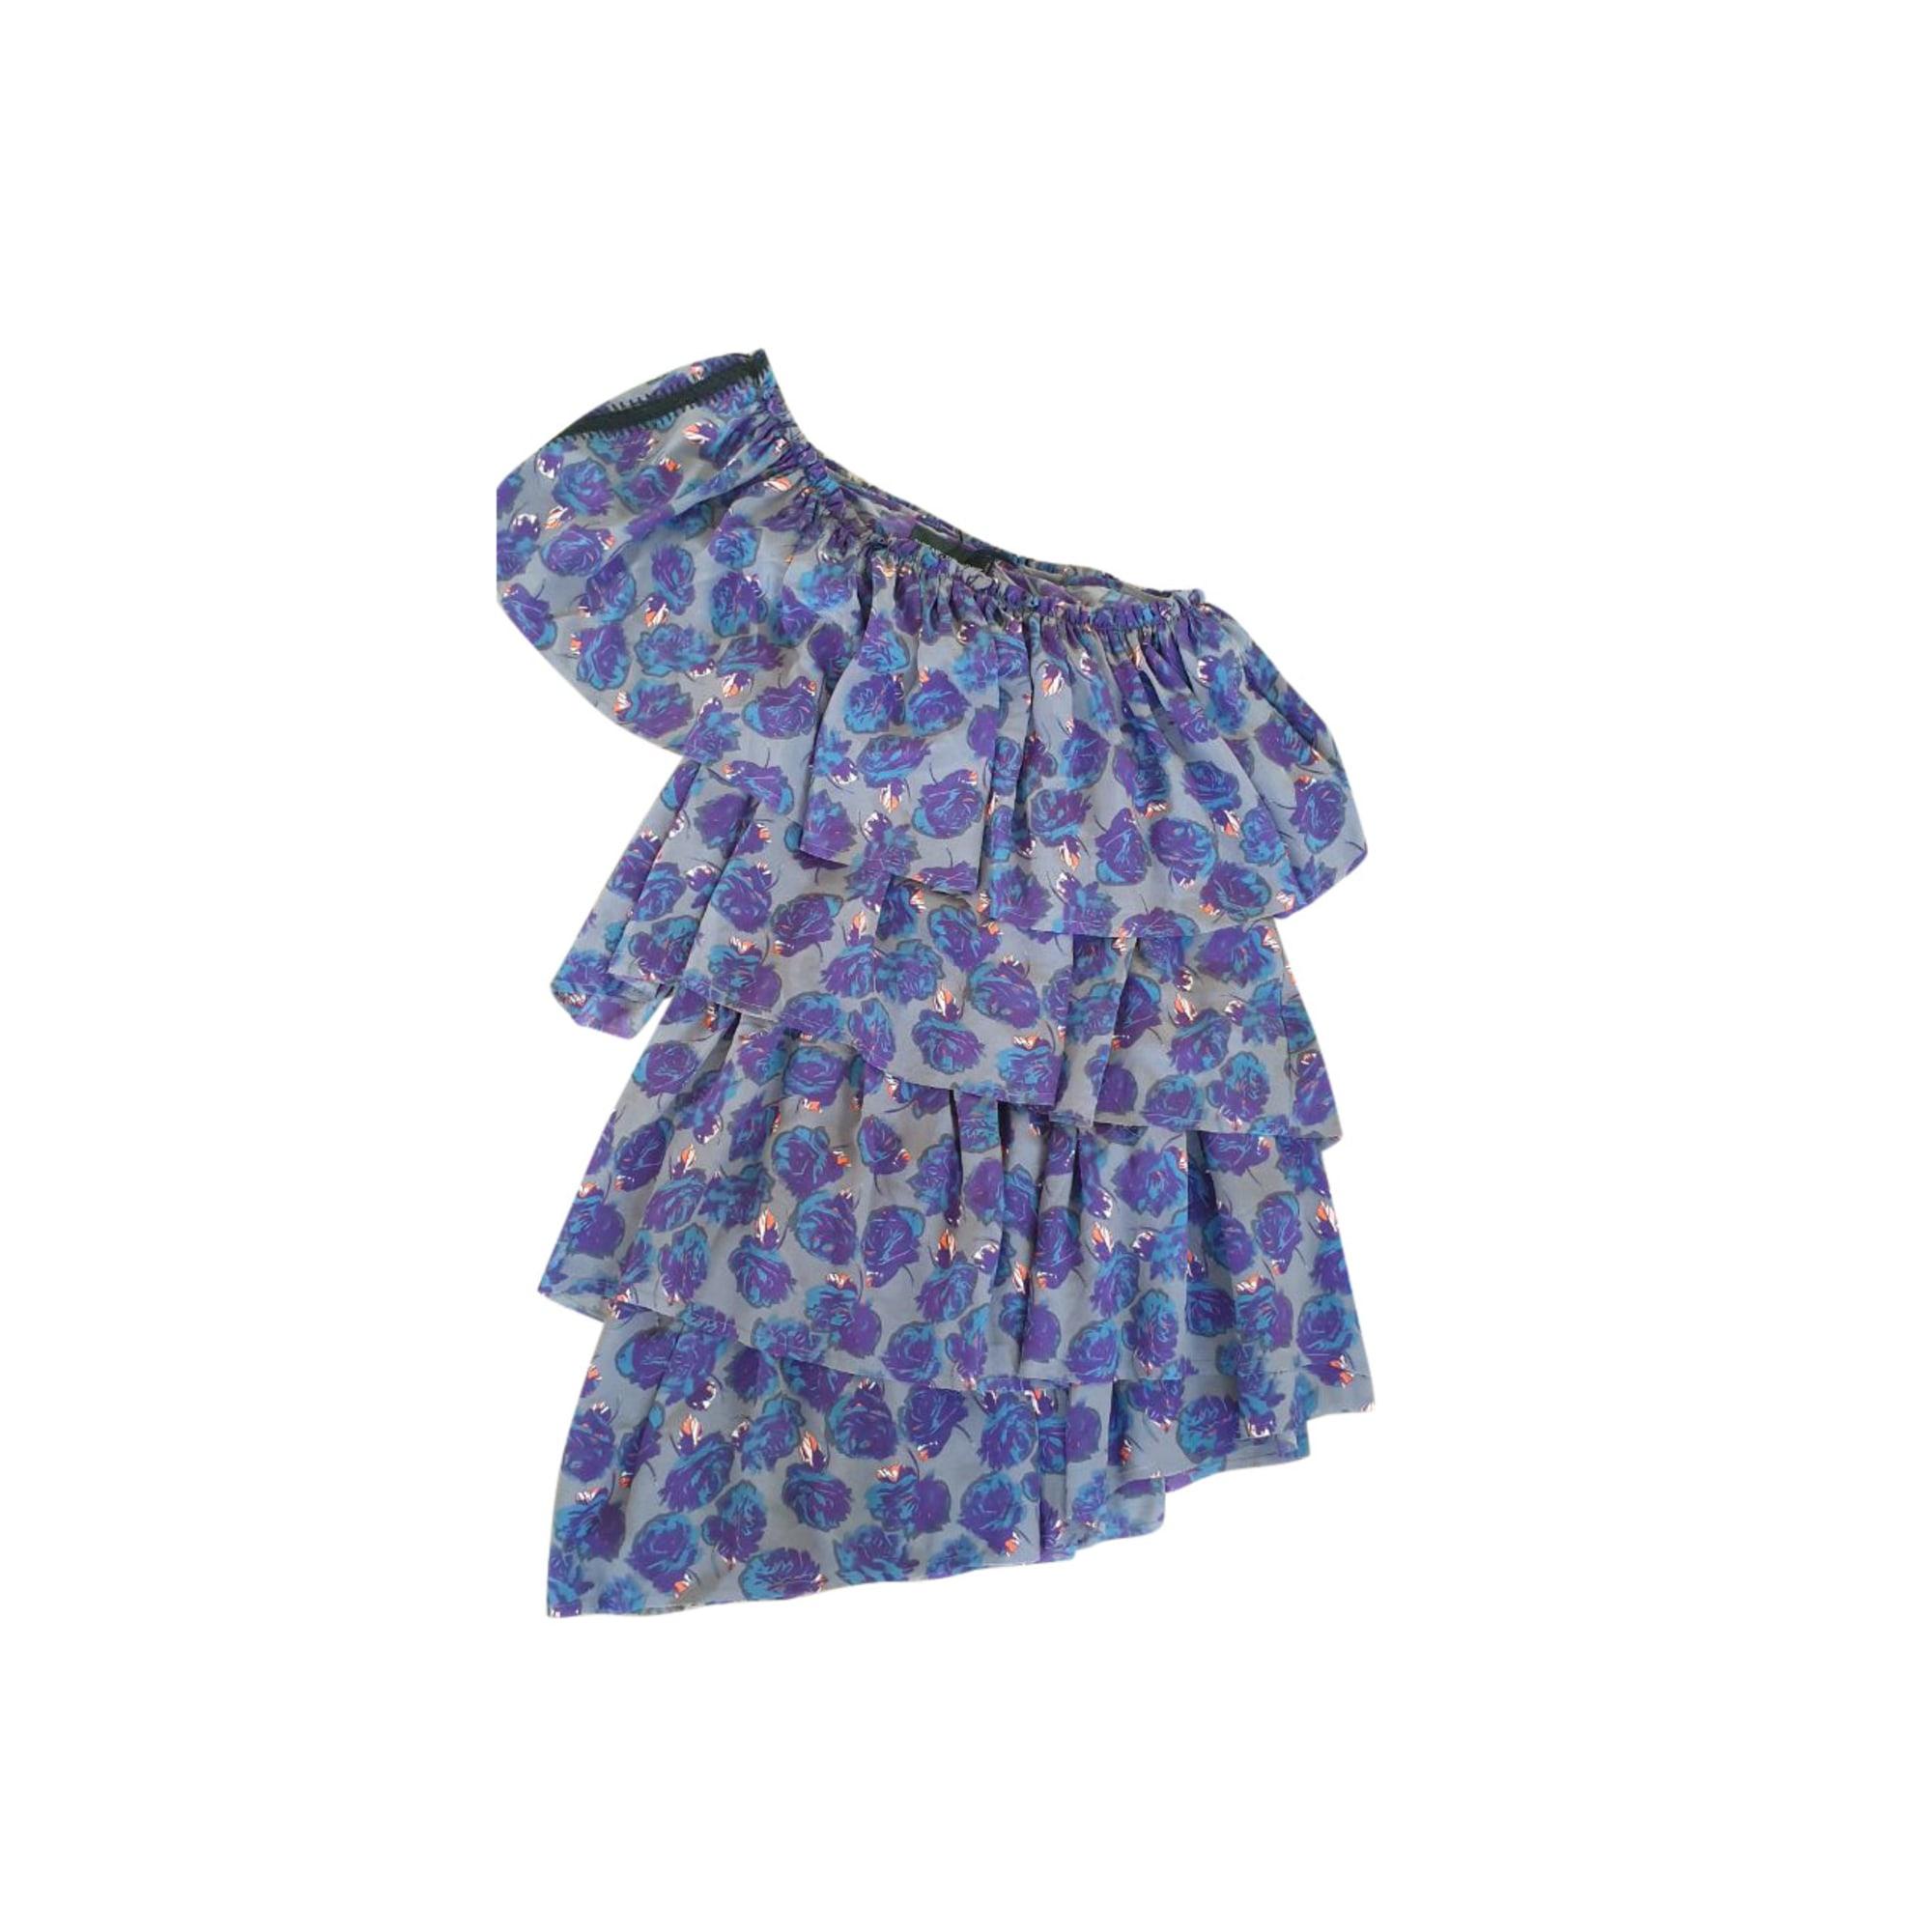 Mini-Kleid ZADIG & VOLTAIRE Violett, malvenfarben, lavendelfarben